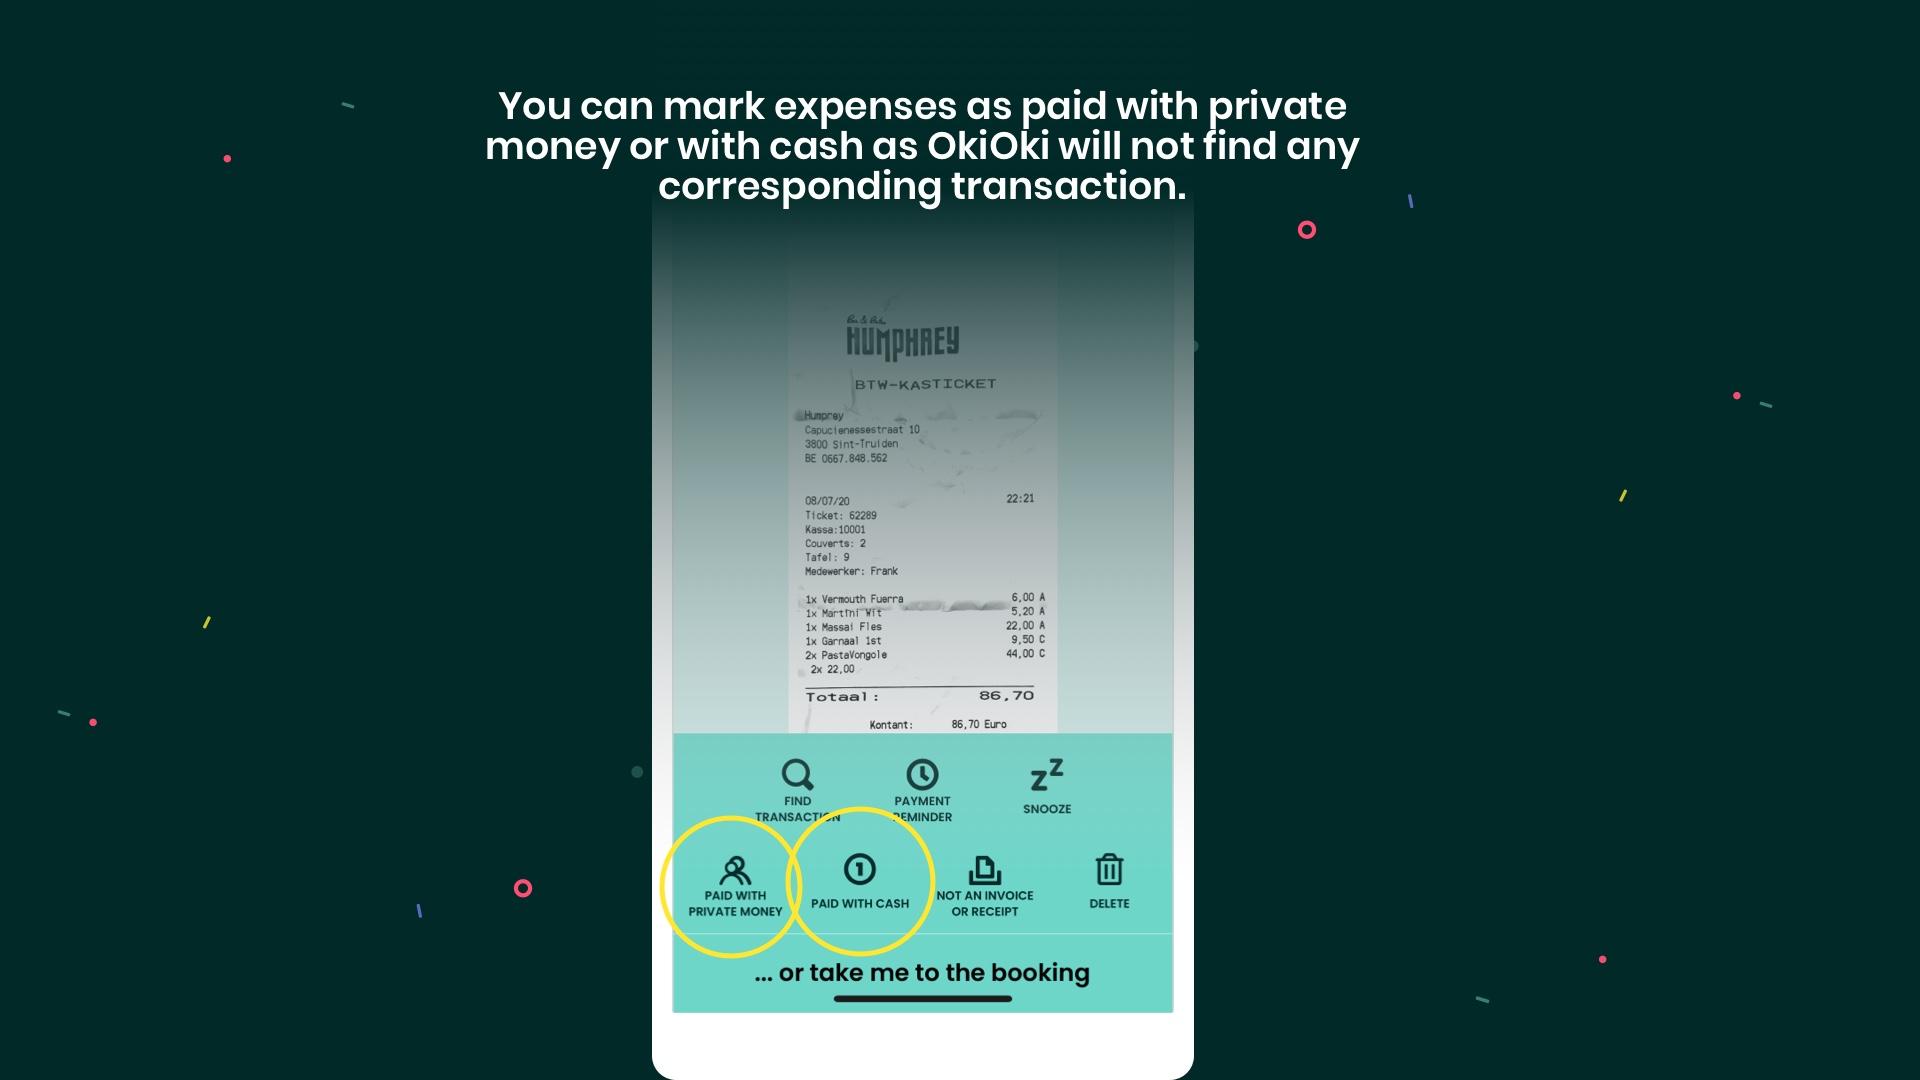 Uitgaven betaald met privé geld of cash zal OkiOki nooit kunnen terugvinden tussen je banktransacties. Aan jou dus om dit even aan te geven.